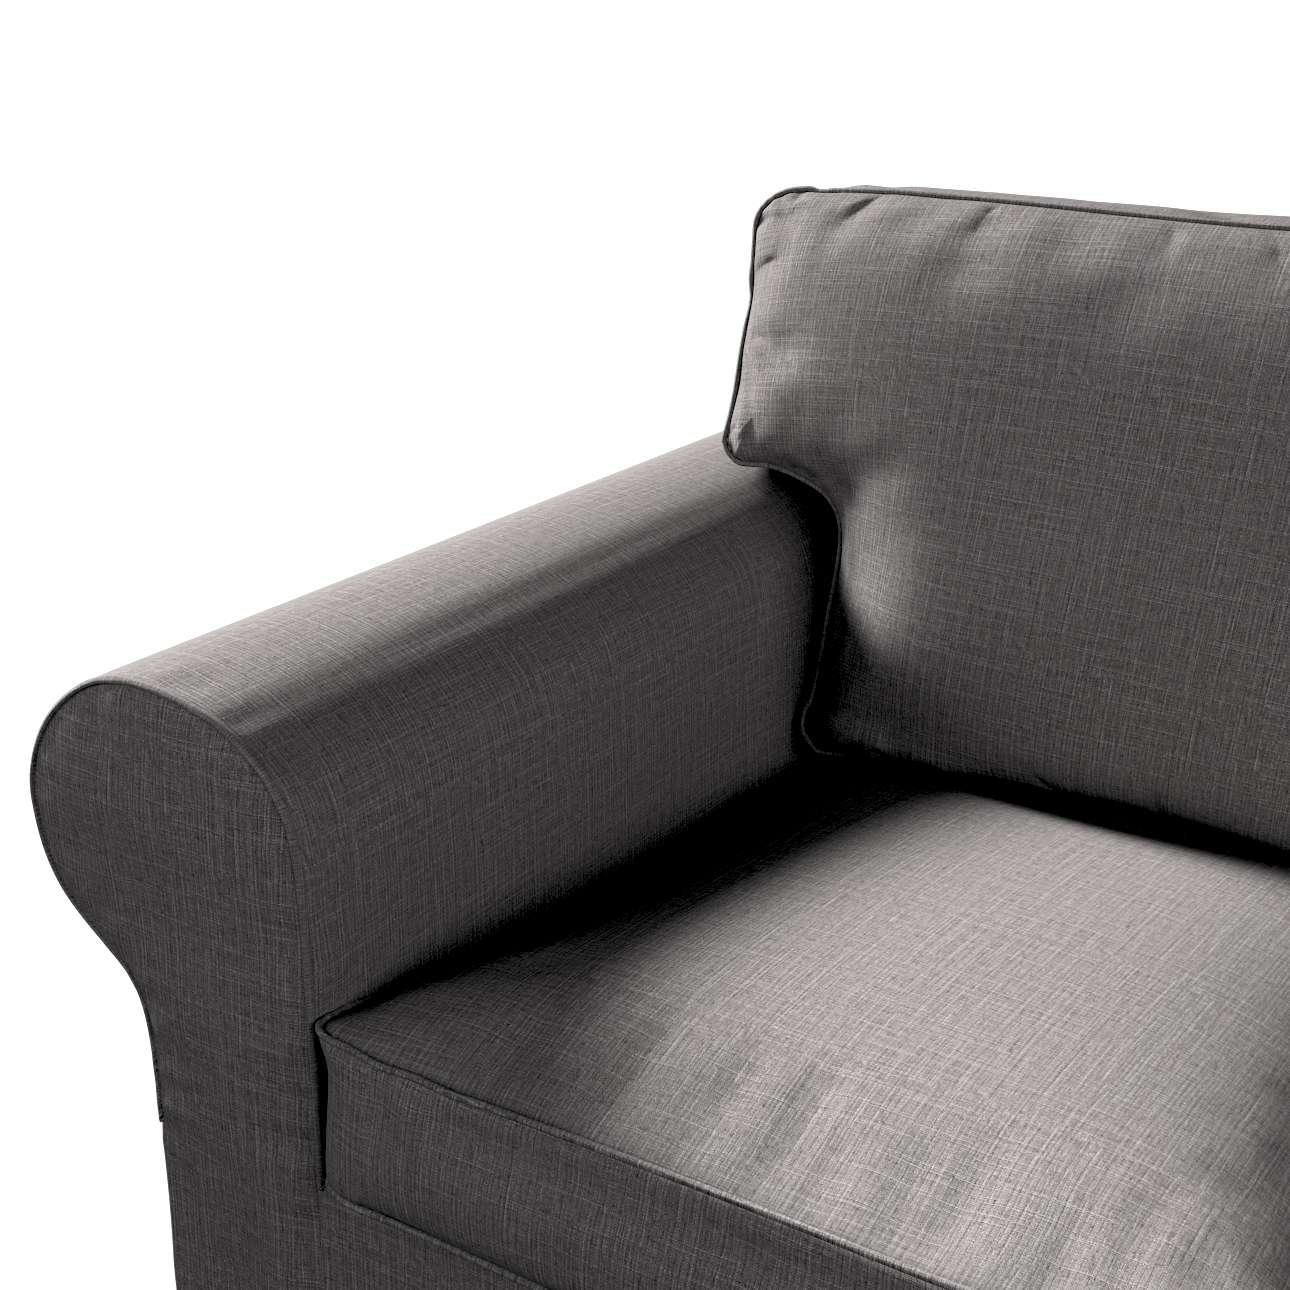 Pokrowiec na sofę Ektorp 2-osobową rozkładaną, model po 2012 w kolekcji Living II, tkanina: 161-16